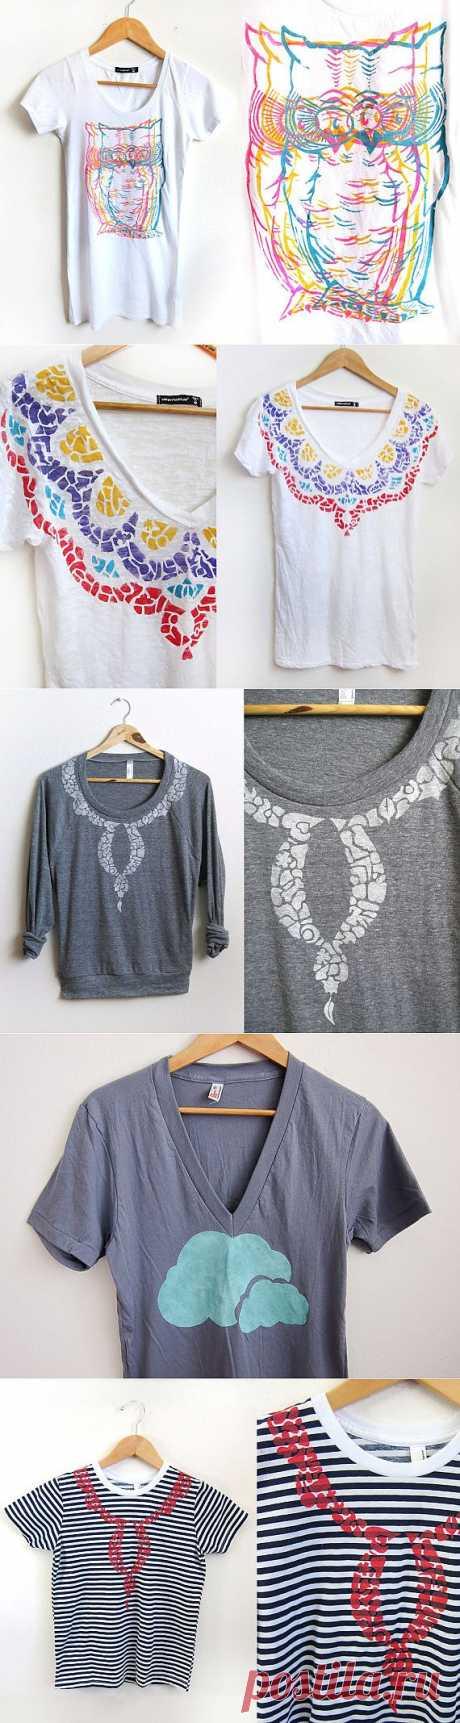 25 идей по декору футболок / Рисунки и надписи / Модный сайт о стильной переделке одежды и интерьера